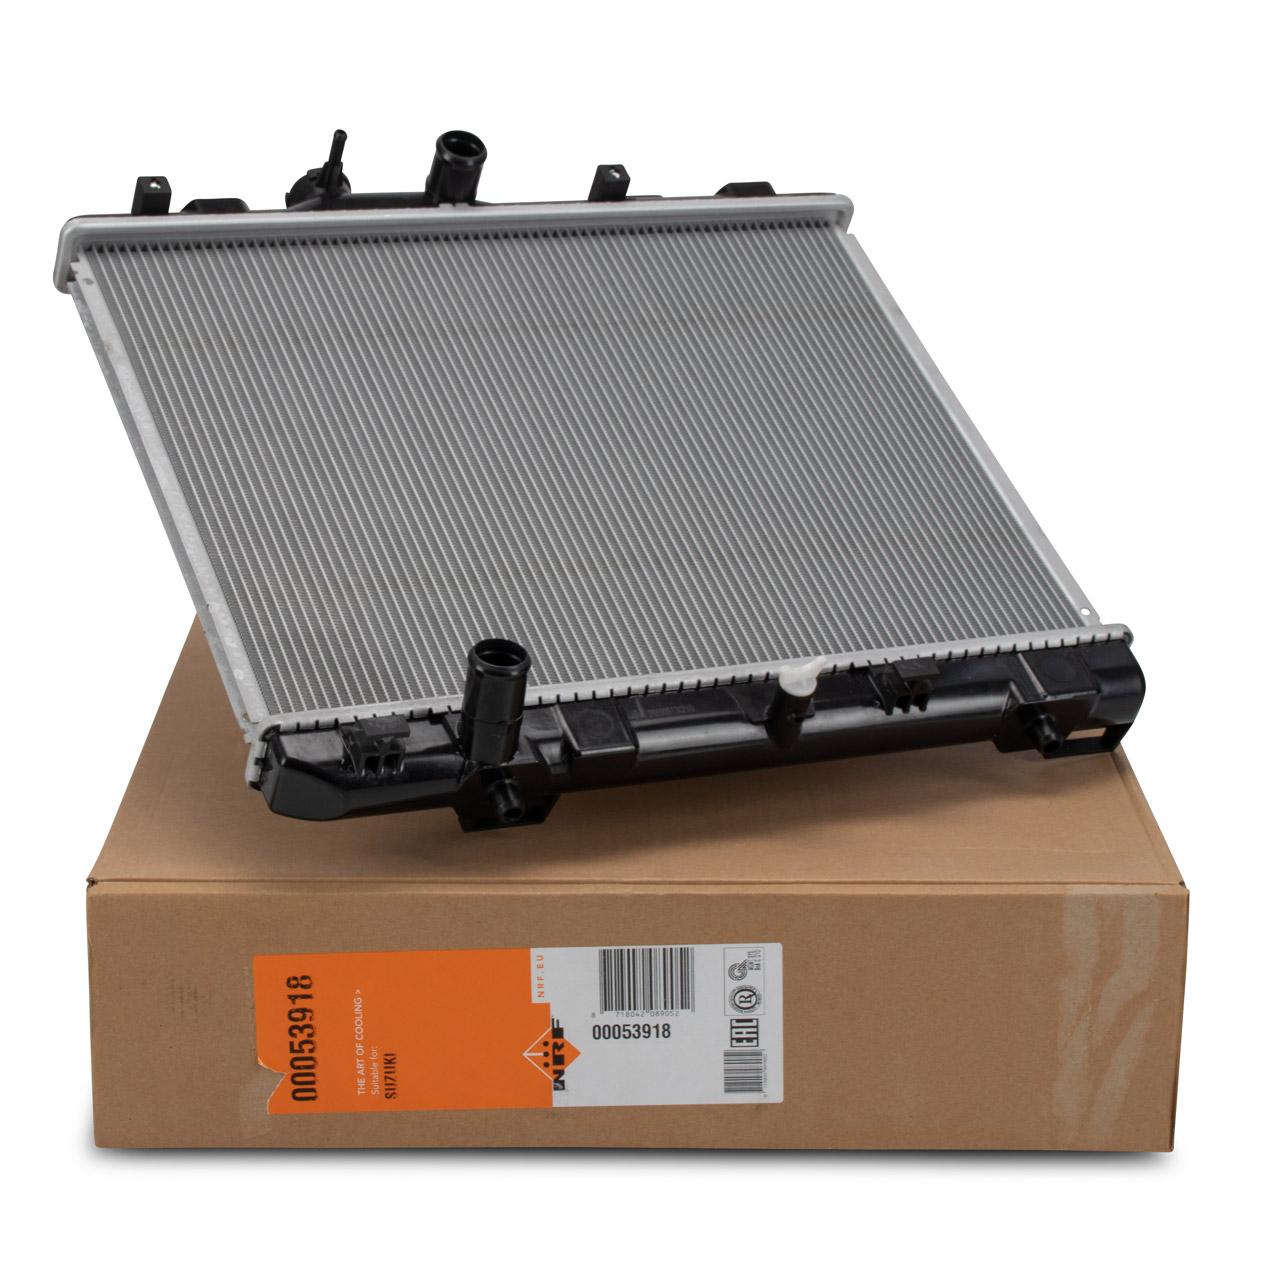 NRF 53918 Kühler Motorkühler OPEL Agila B SUZUKI Splash 1.0 1.2 4709362 / 1770073KC0